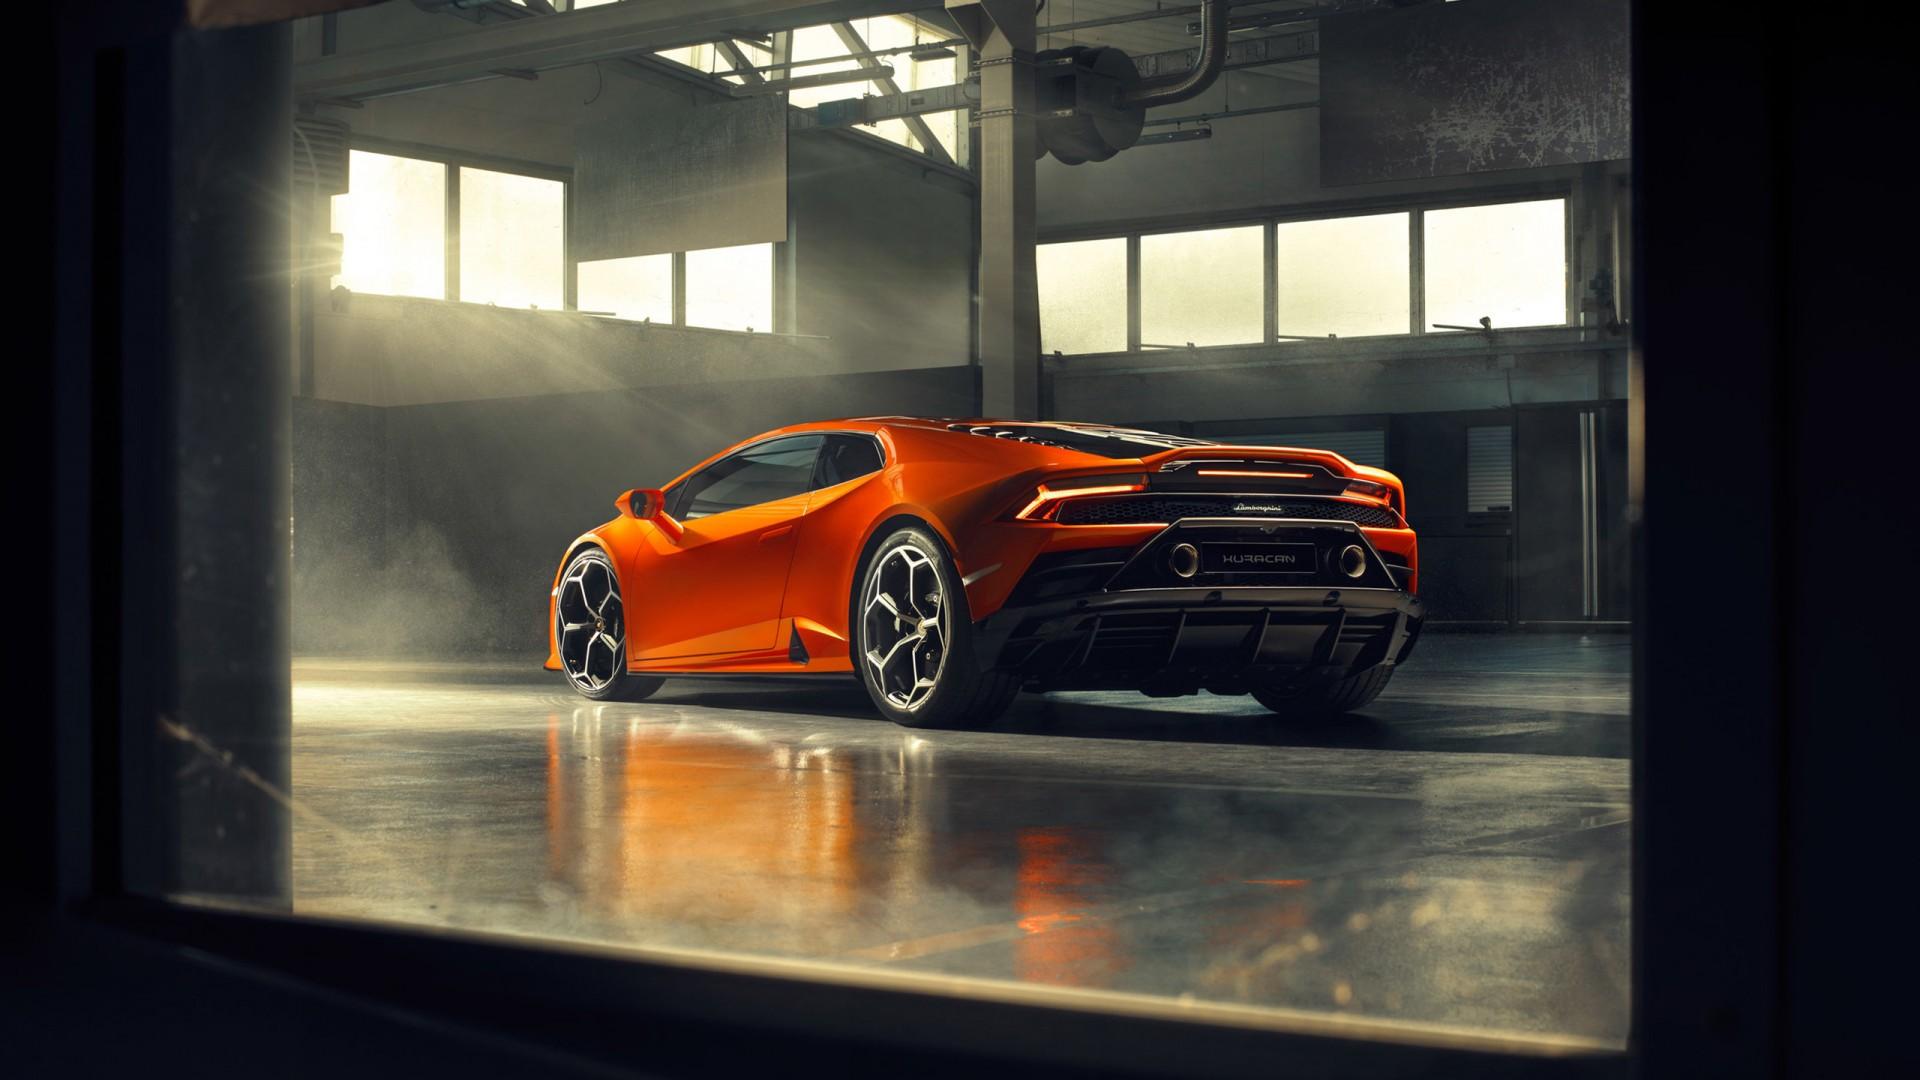 Lamborghini Huracan EVO 2019 4K 2 Wallpaper | HD Car